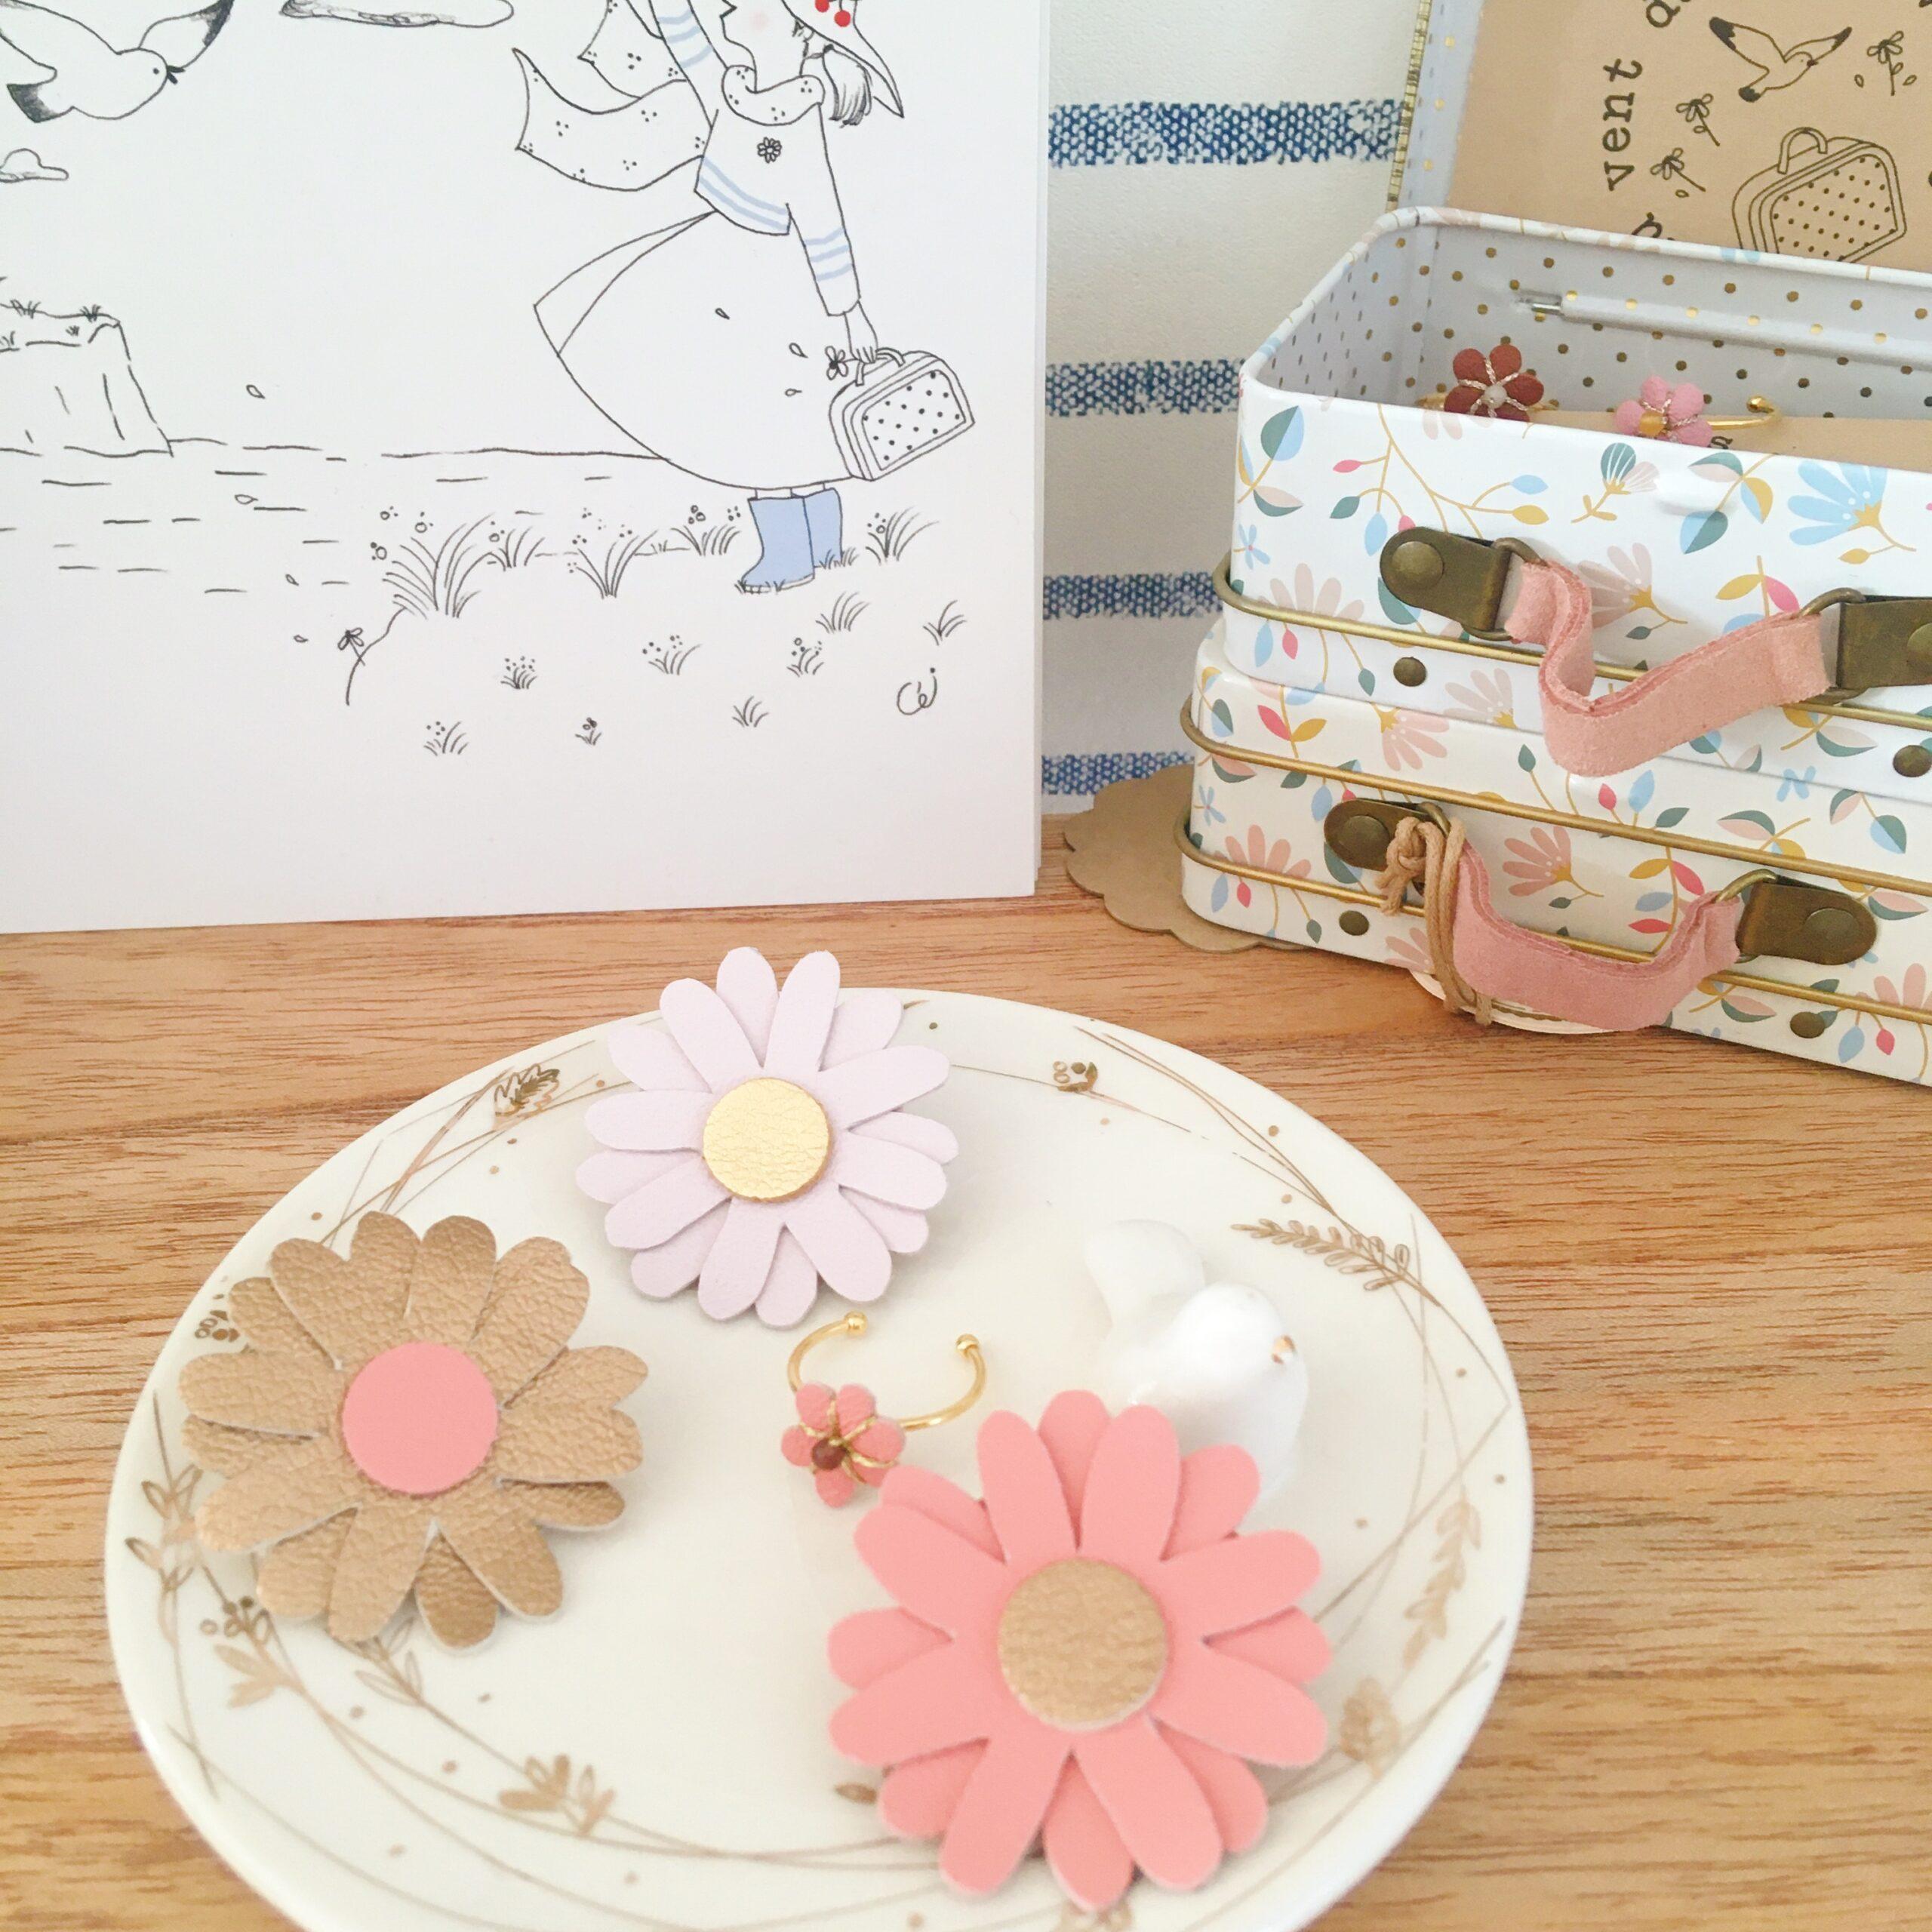 broche florale bohème chic marguerite échinacée en cuir fabrication artisanale française - du vent dans mes valises